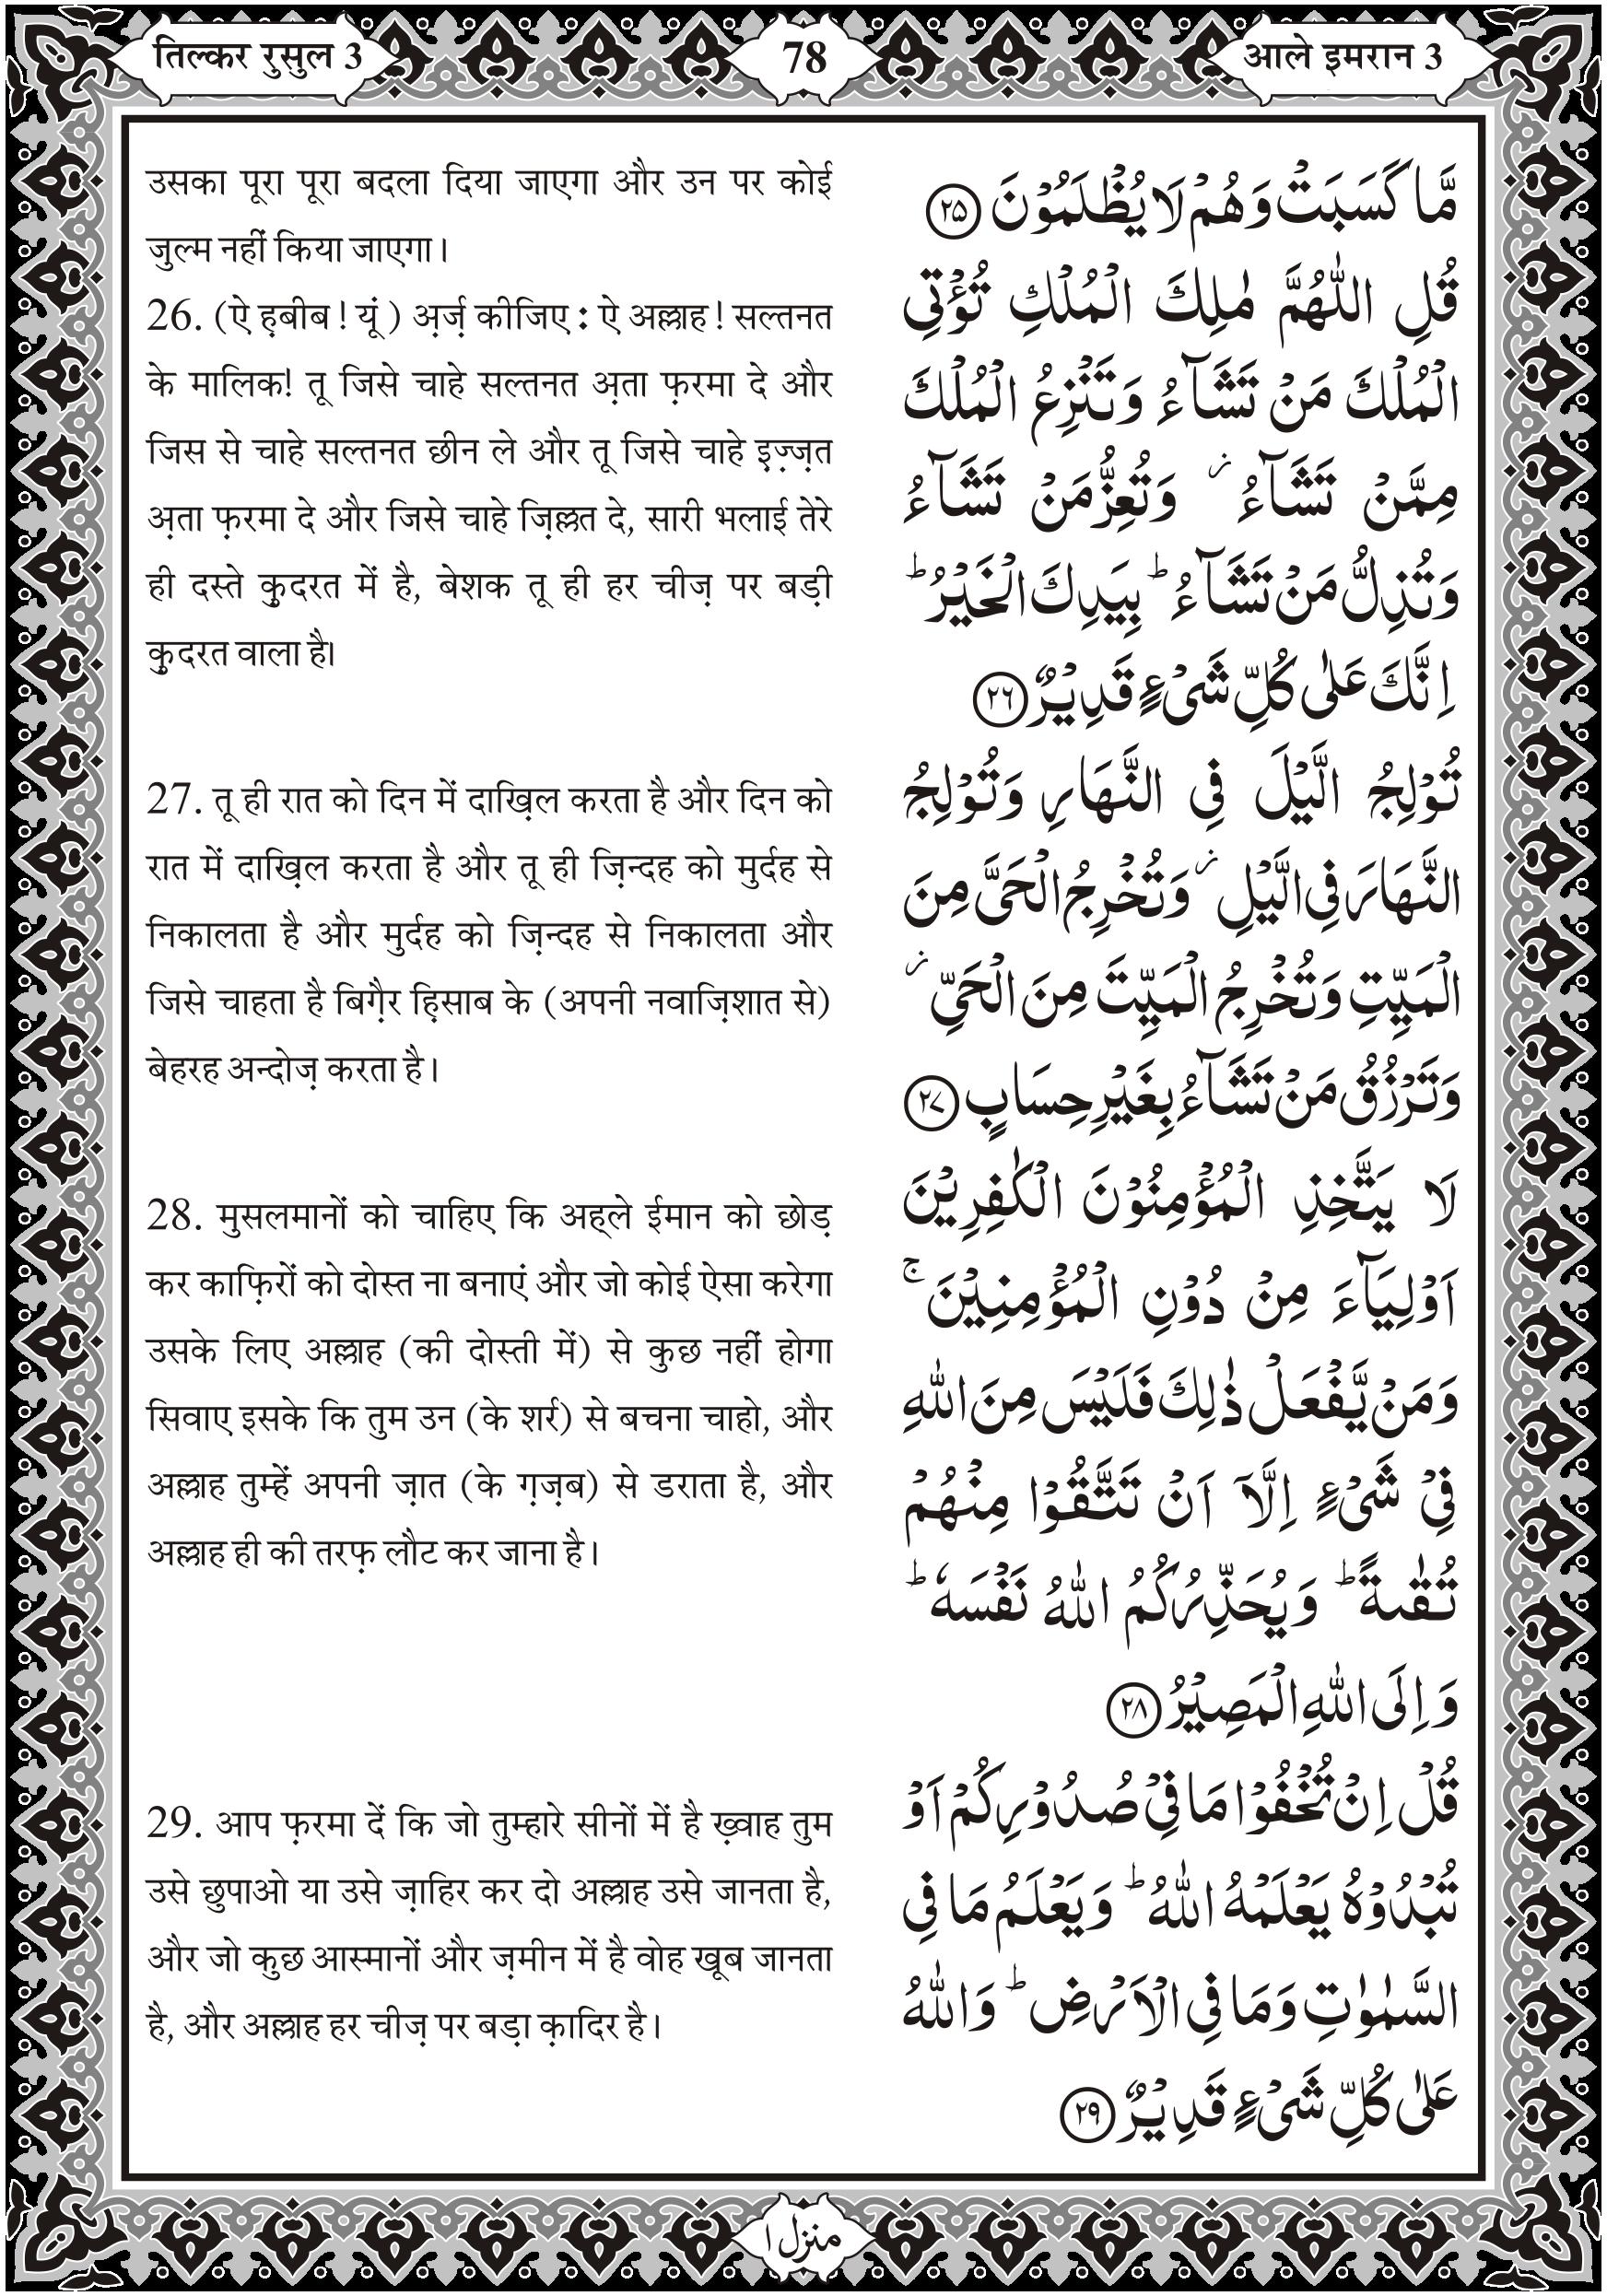 Pin by Quran Ka Paigham on Quran in Hindi | Quran in hindi, Quran, Words